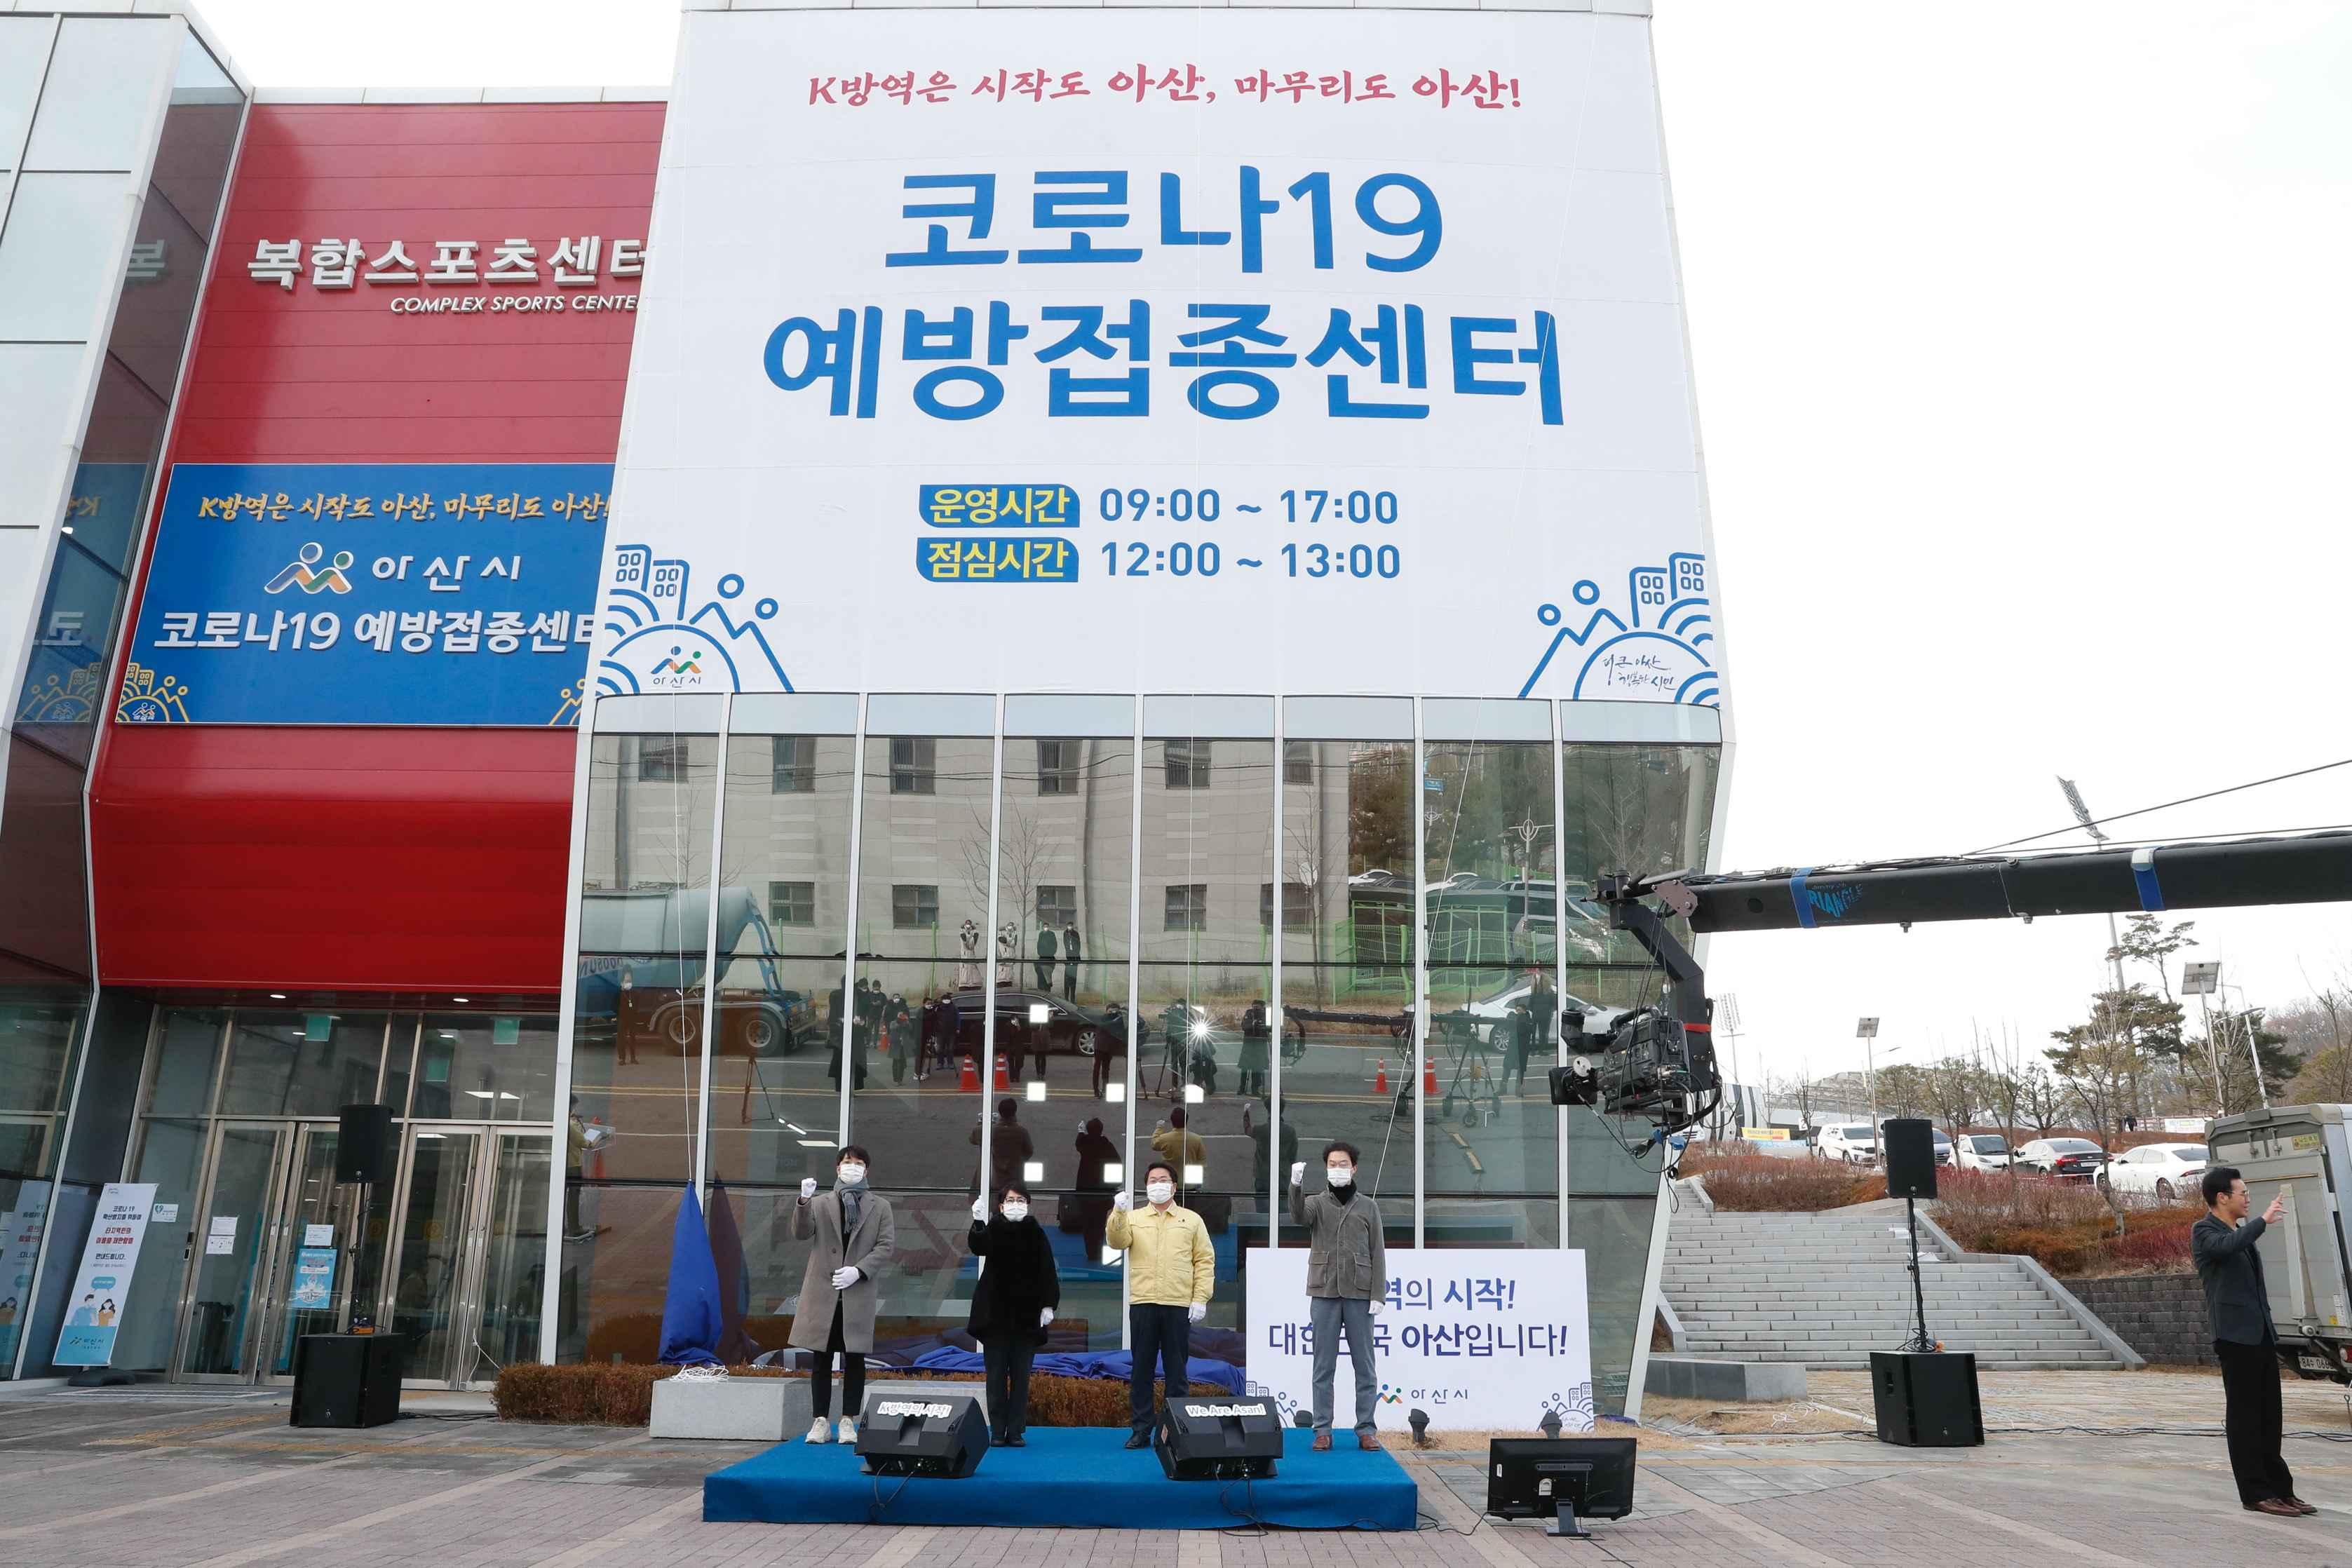 """오세현 시장 """"아산은 'K-방역'의 시작, 마무리도 아산이 해내겠다"""" 관련사진"""